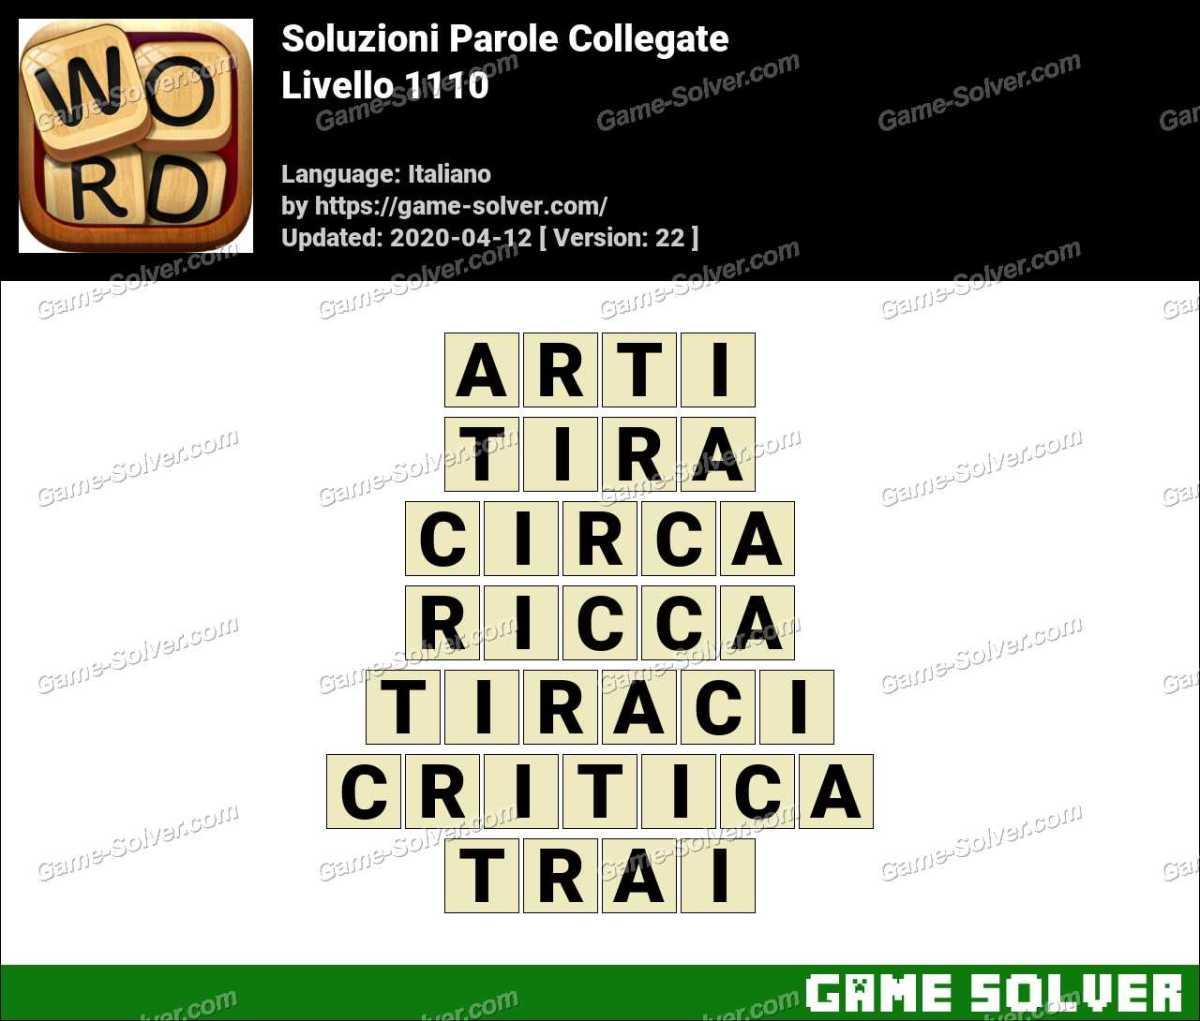 Soluzioni Parole Collegate Livello 1110